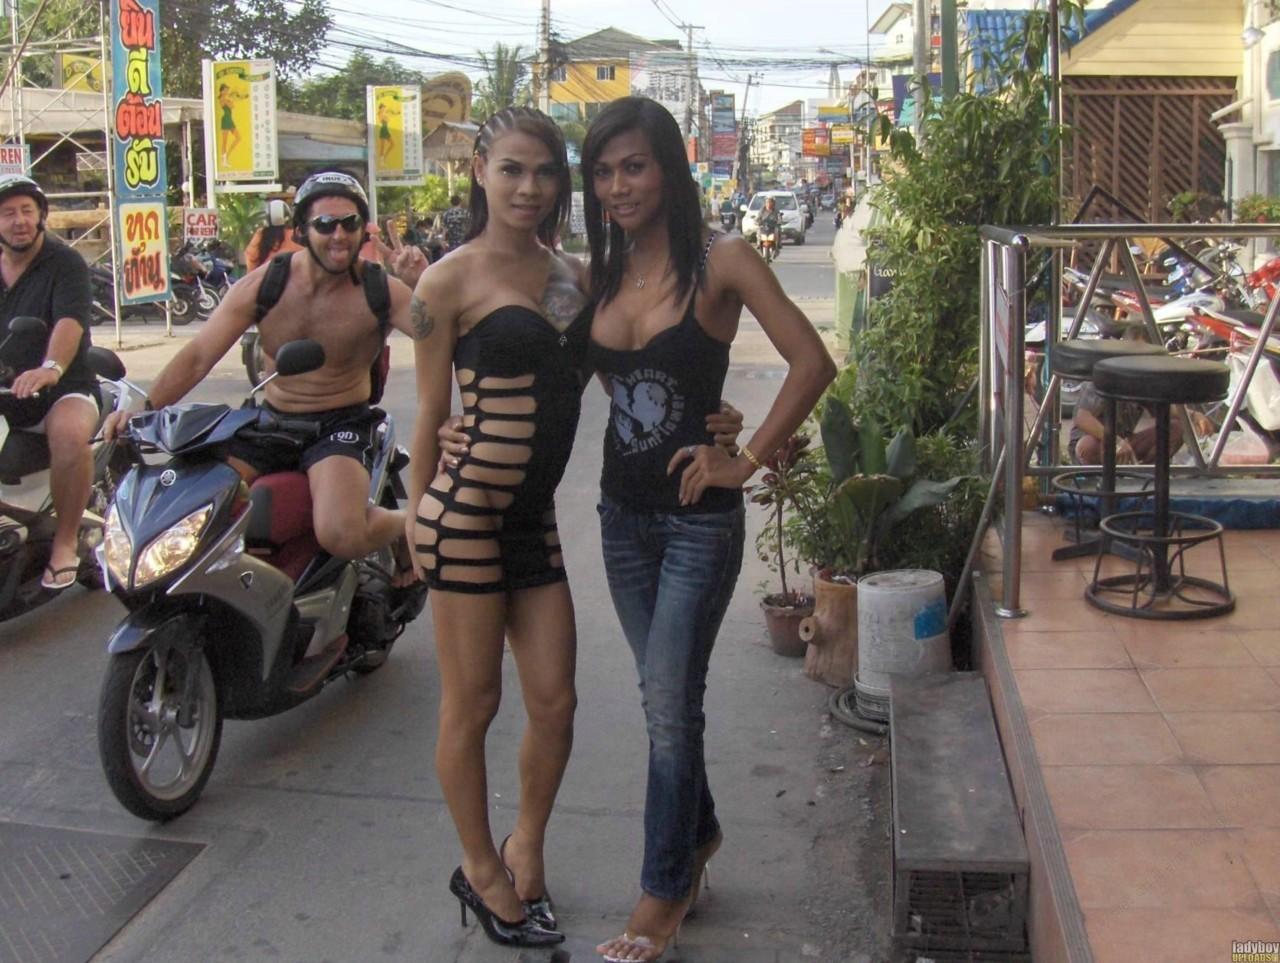 sissy prostitute training